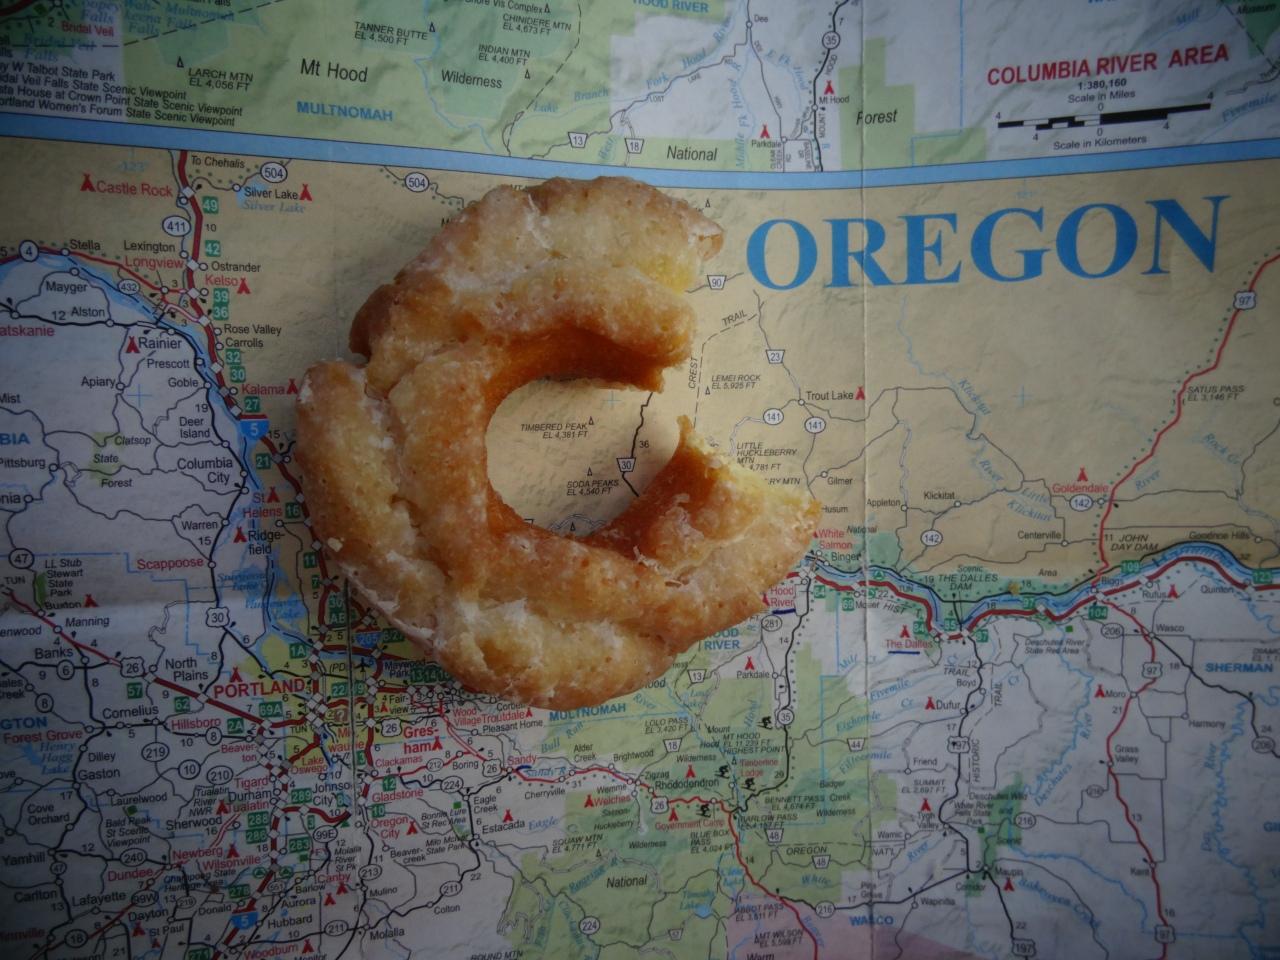 Hmmmmm.... Doughnut